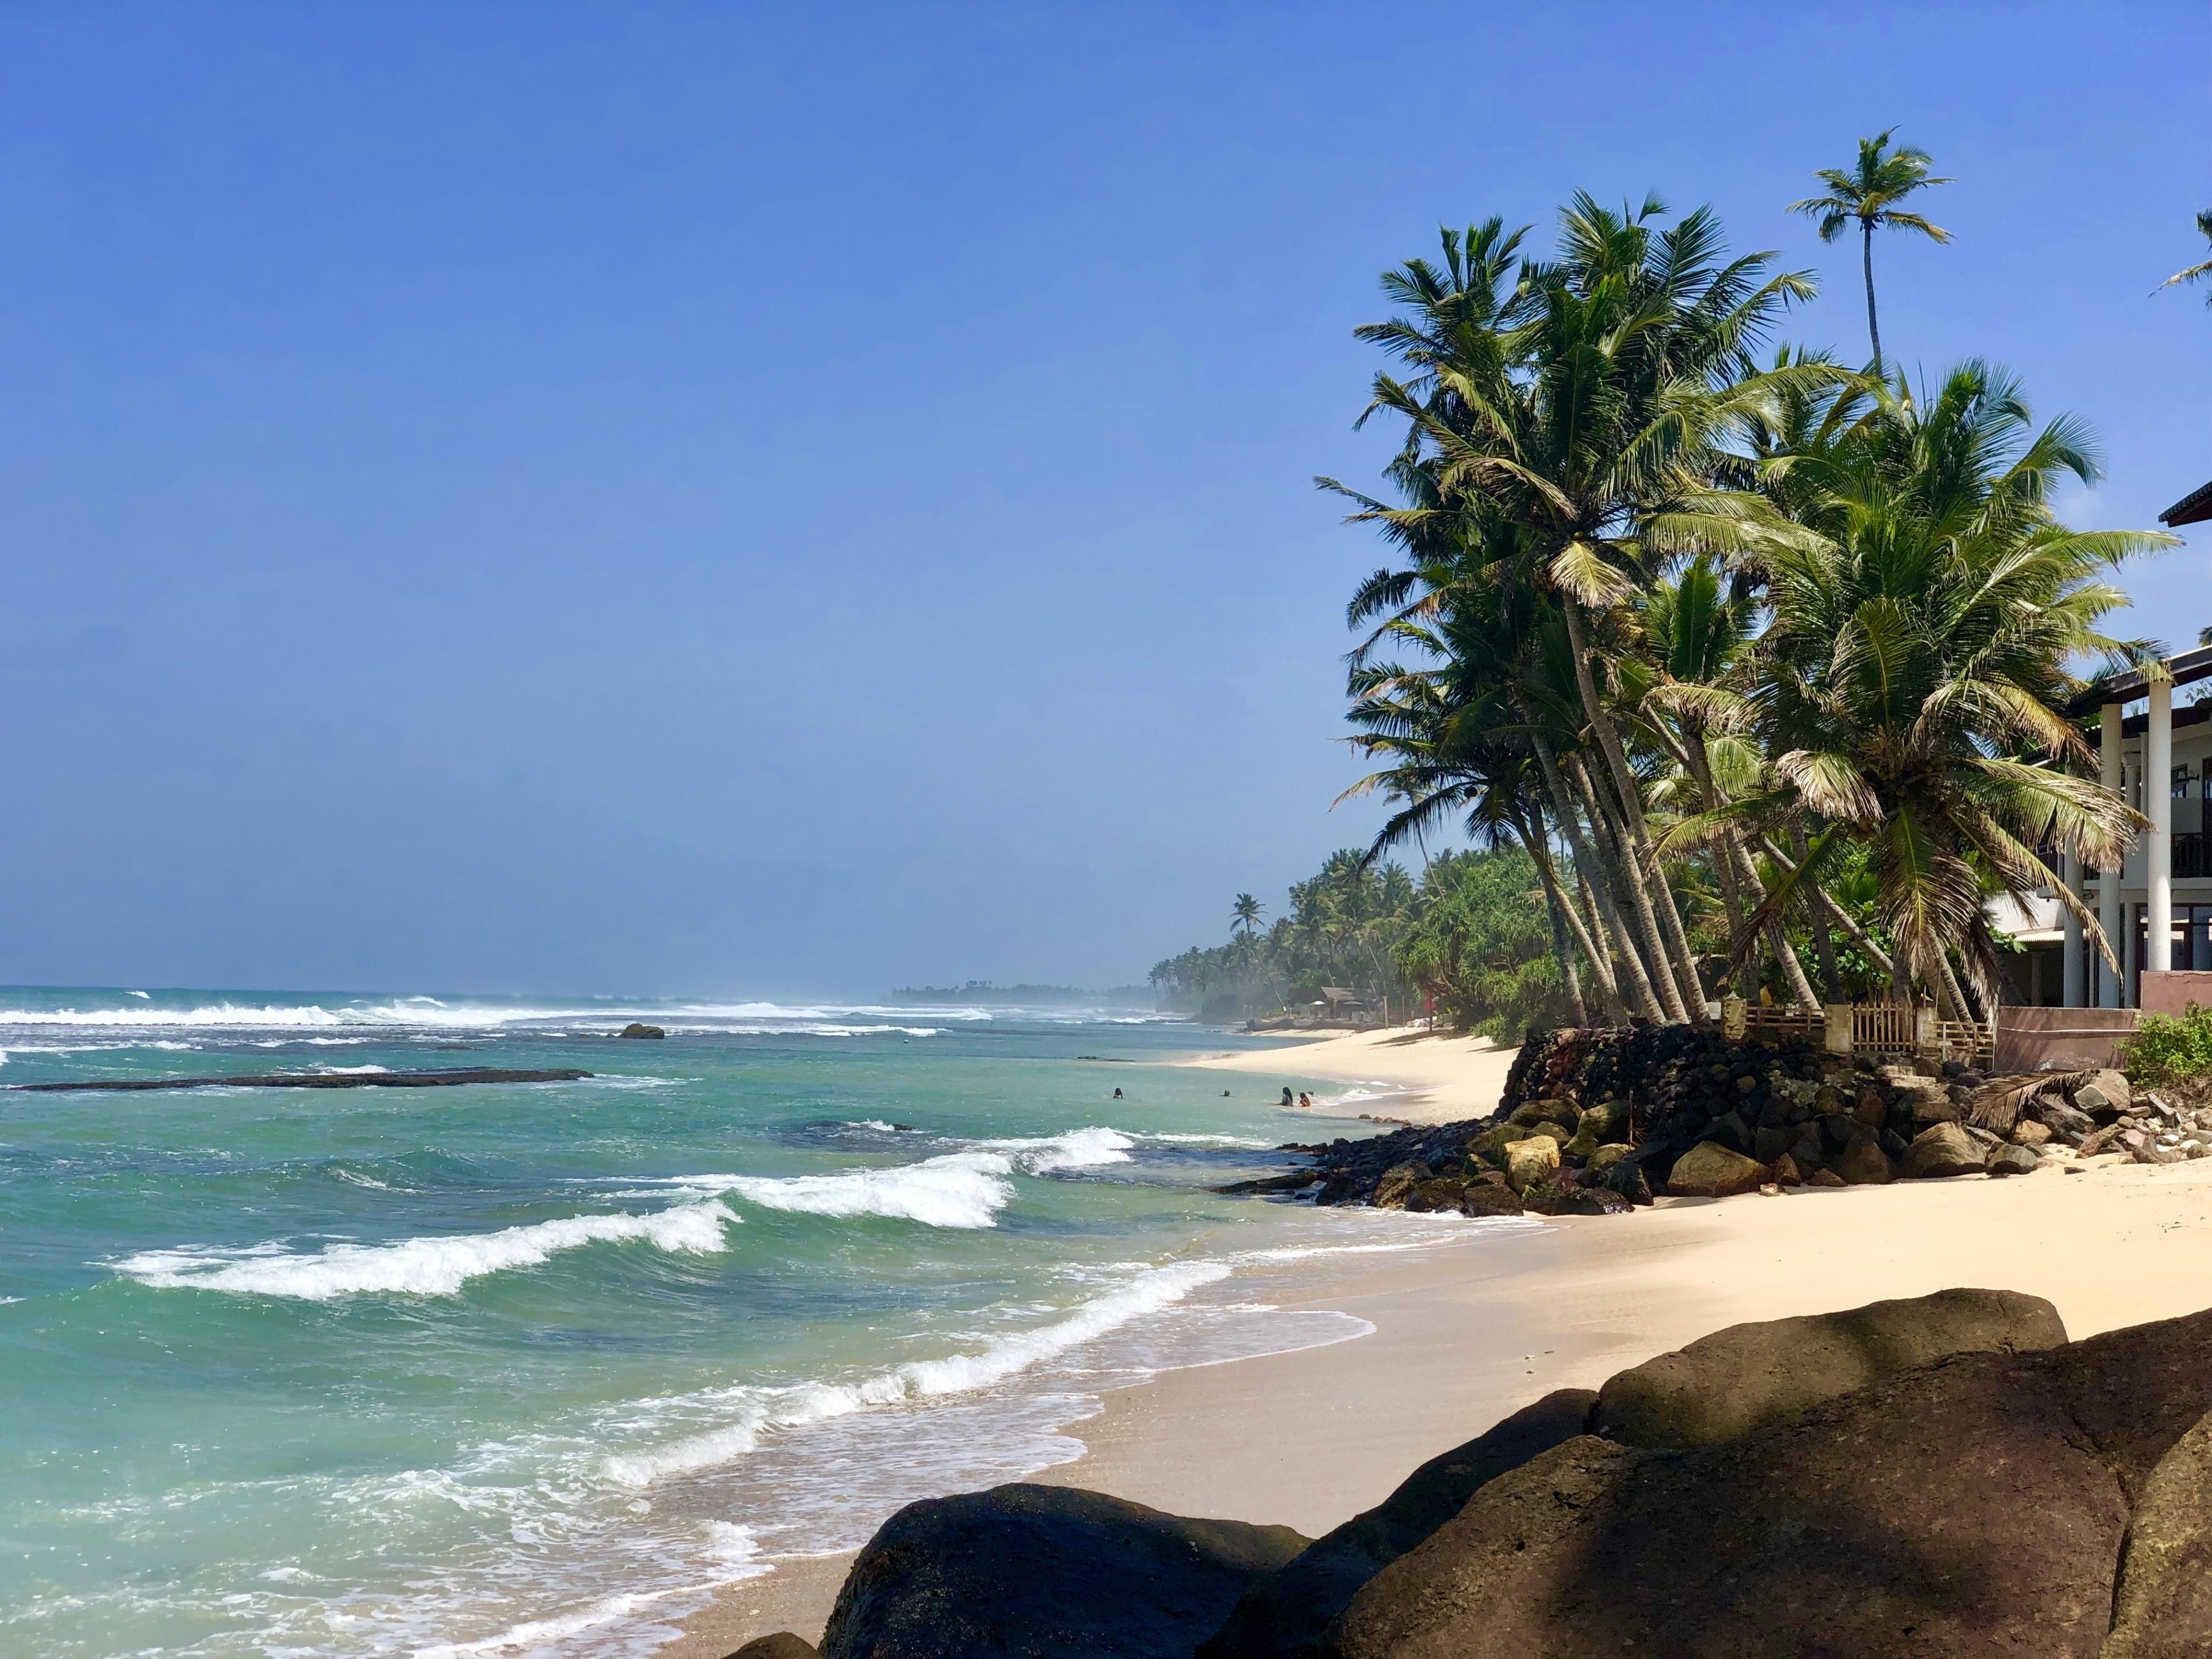 Madiha Beach, Matara, Southern Province, Sri Lanka